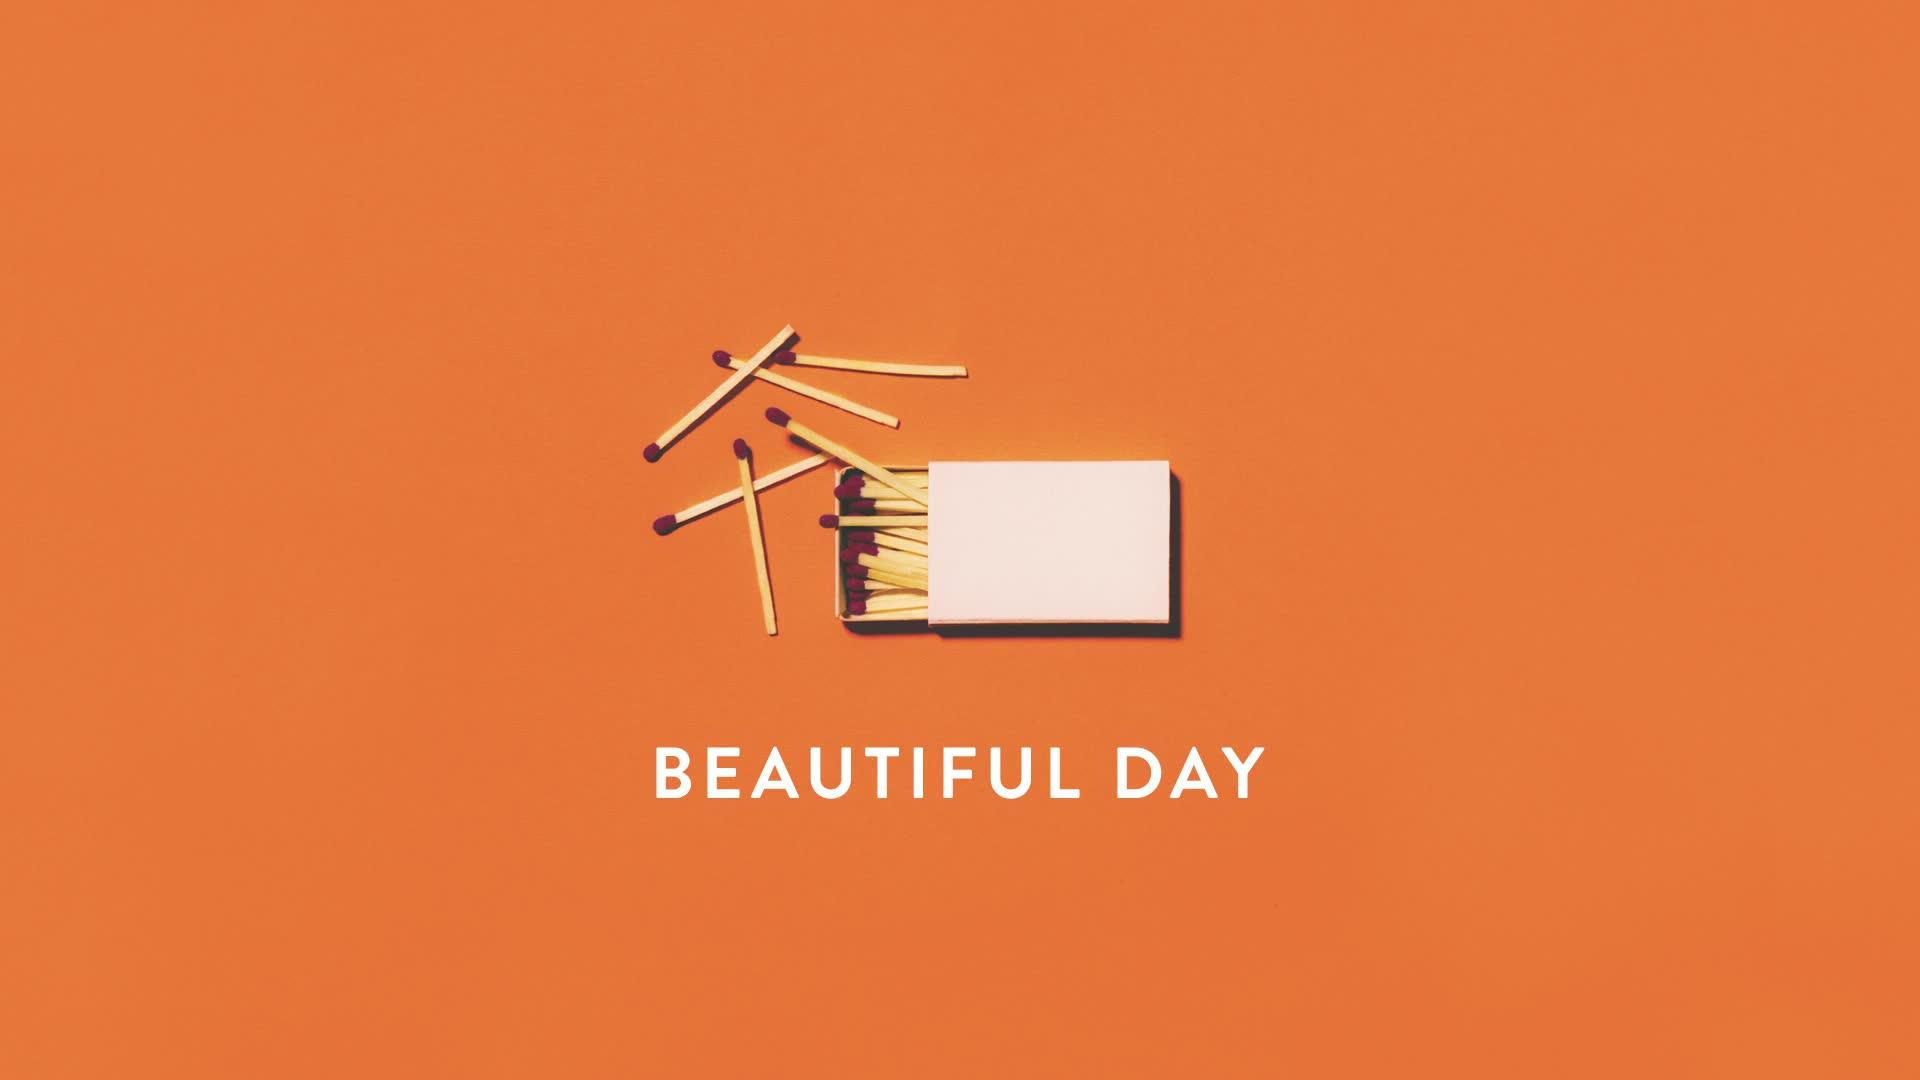 Jesus Culture - Beautiful Day